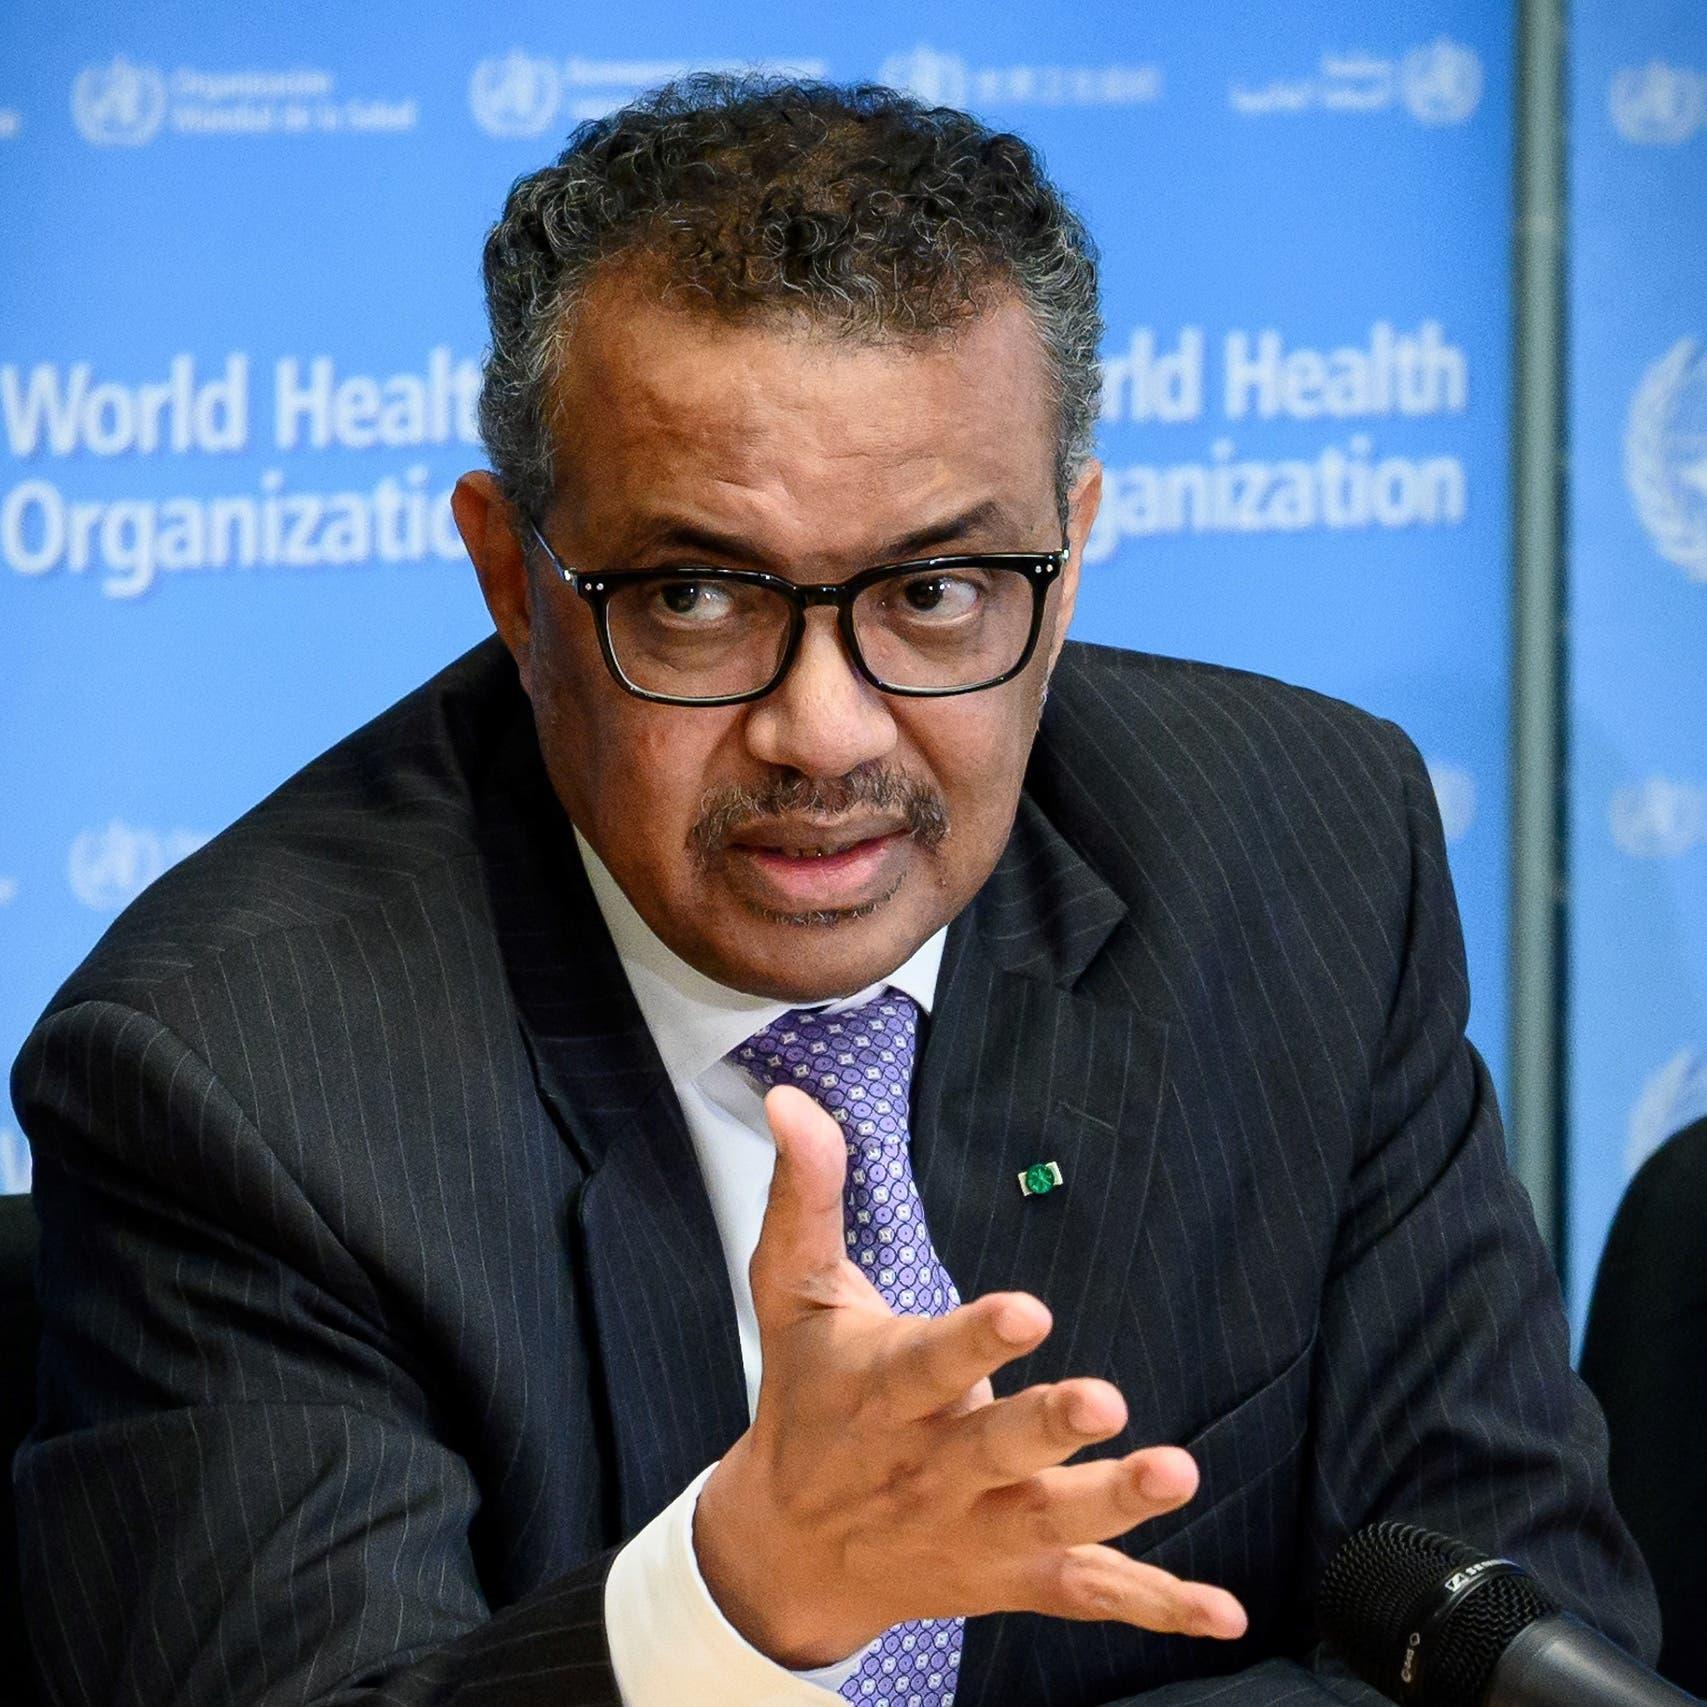 منظمة الصحة العالمية تأمل بمواصلة التعاون مع الولايات المتحدة